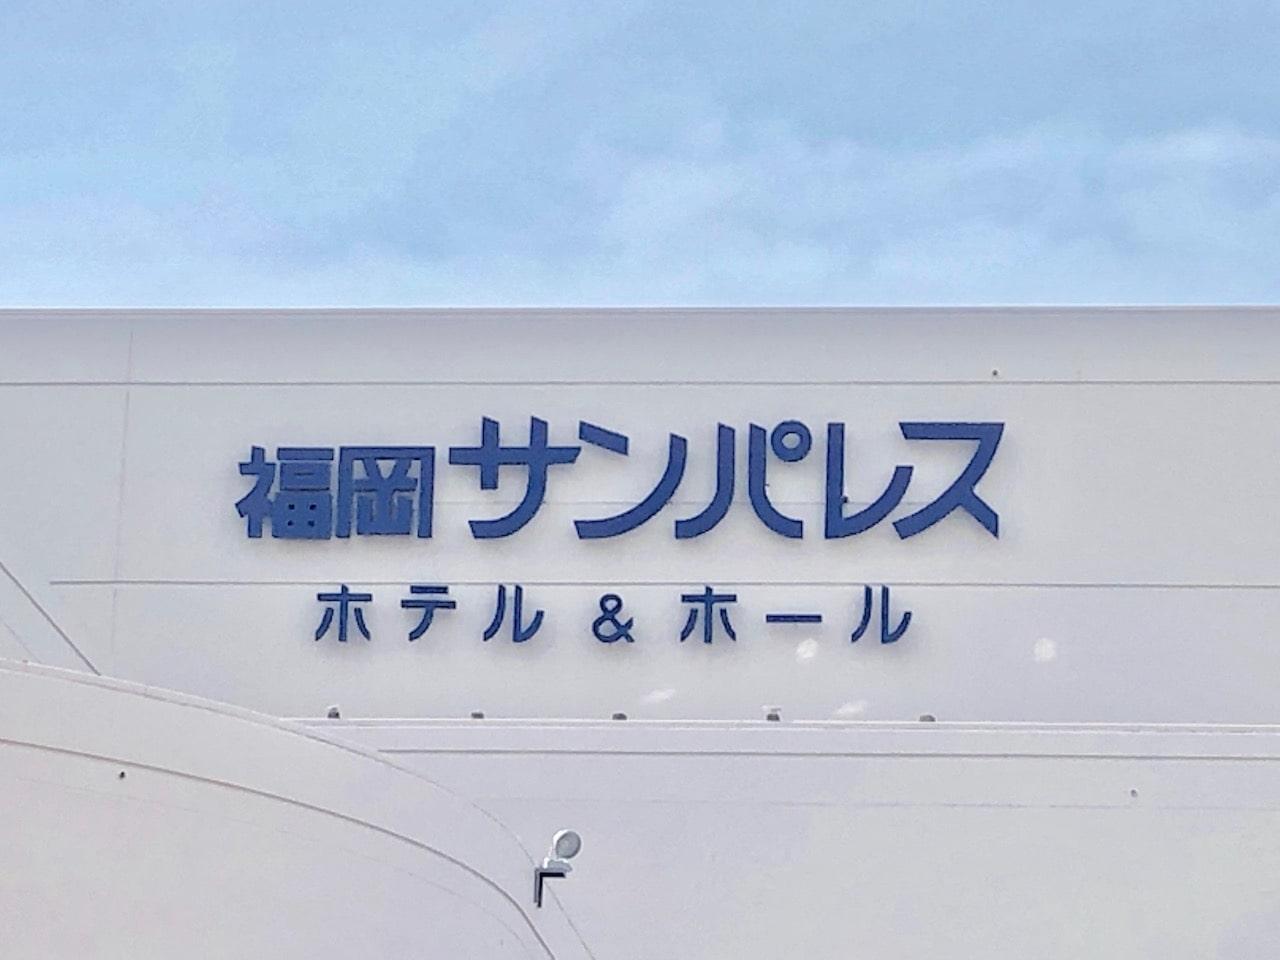 【ライブレポ】田村ゆかりT♡C 福岡公演の感想!100公演の感謝、特別感と日常感。